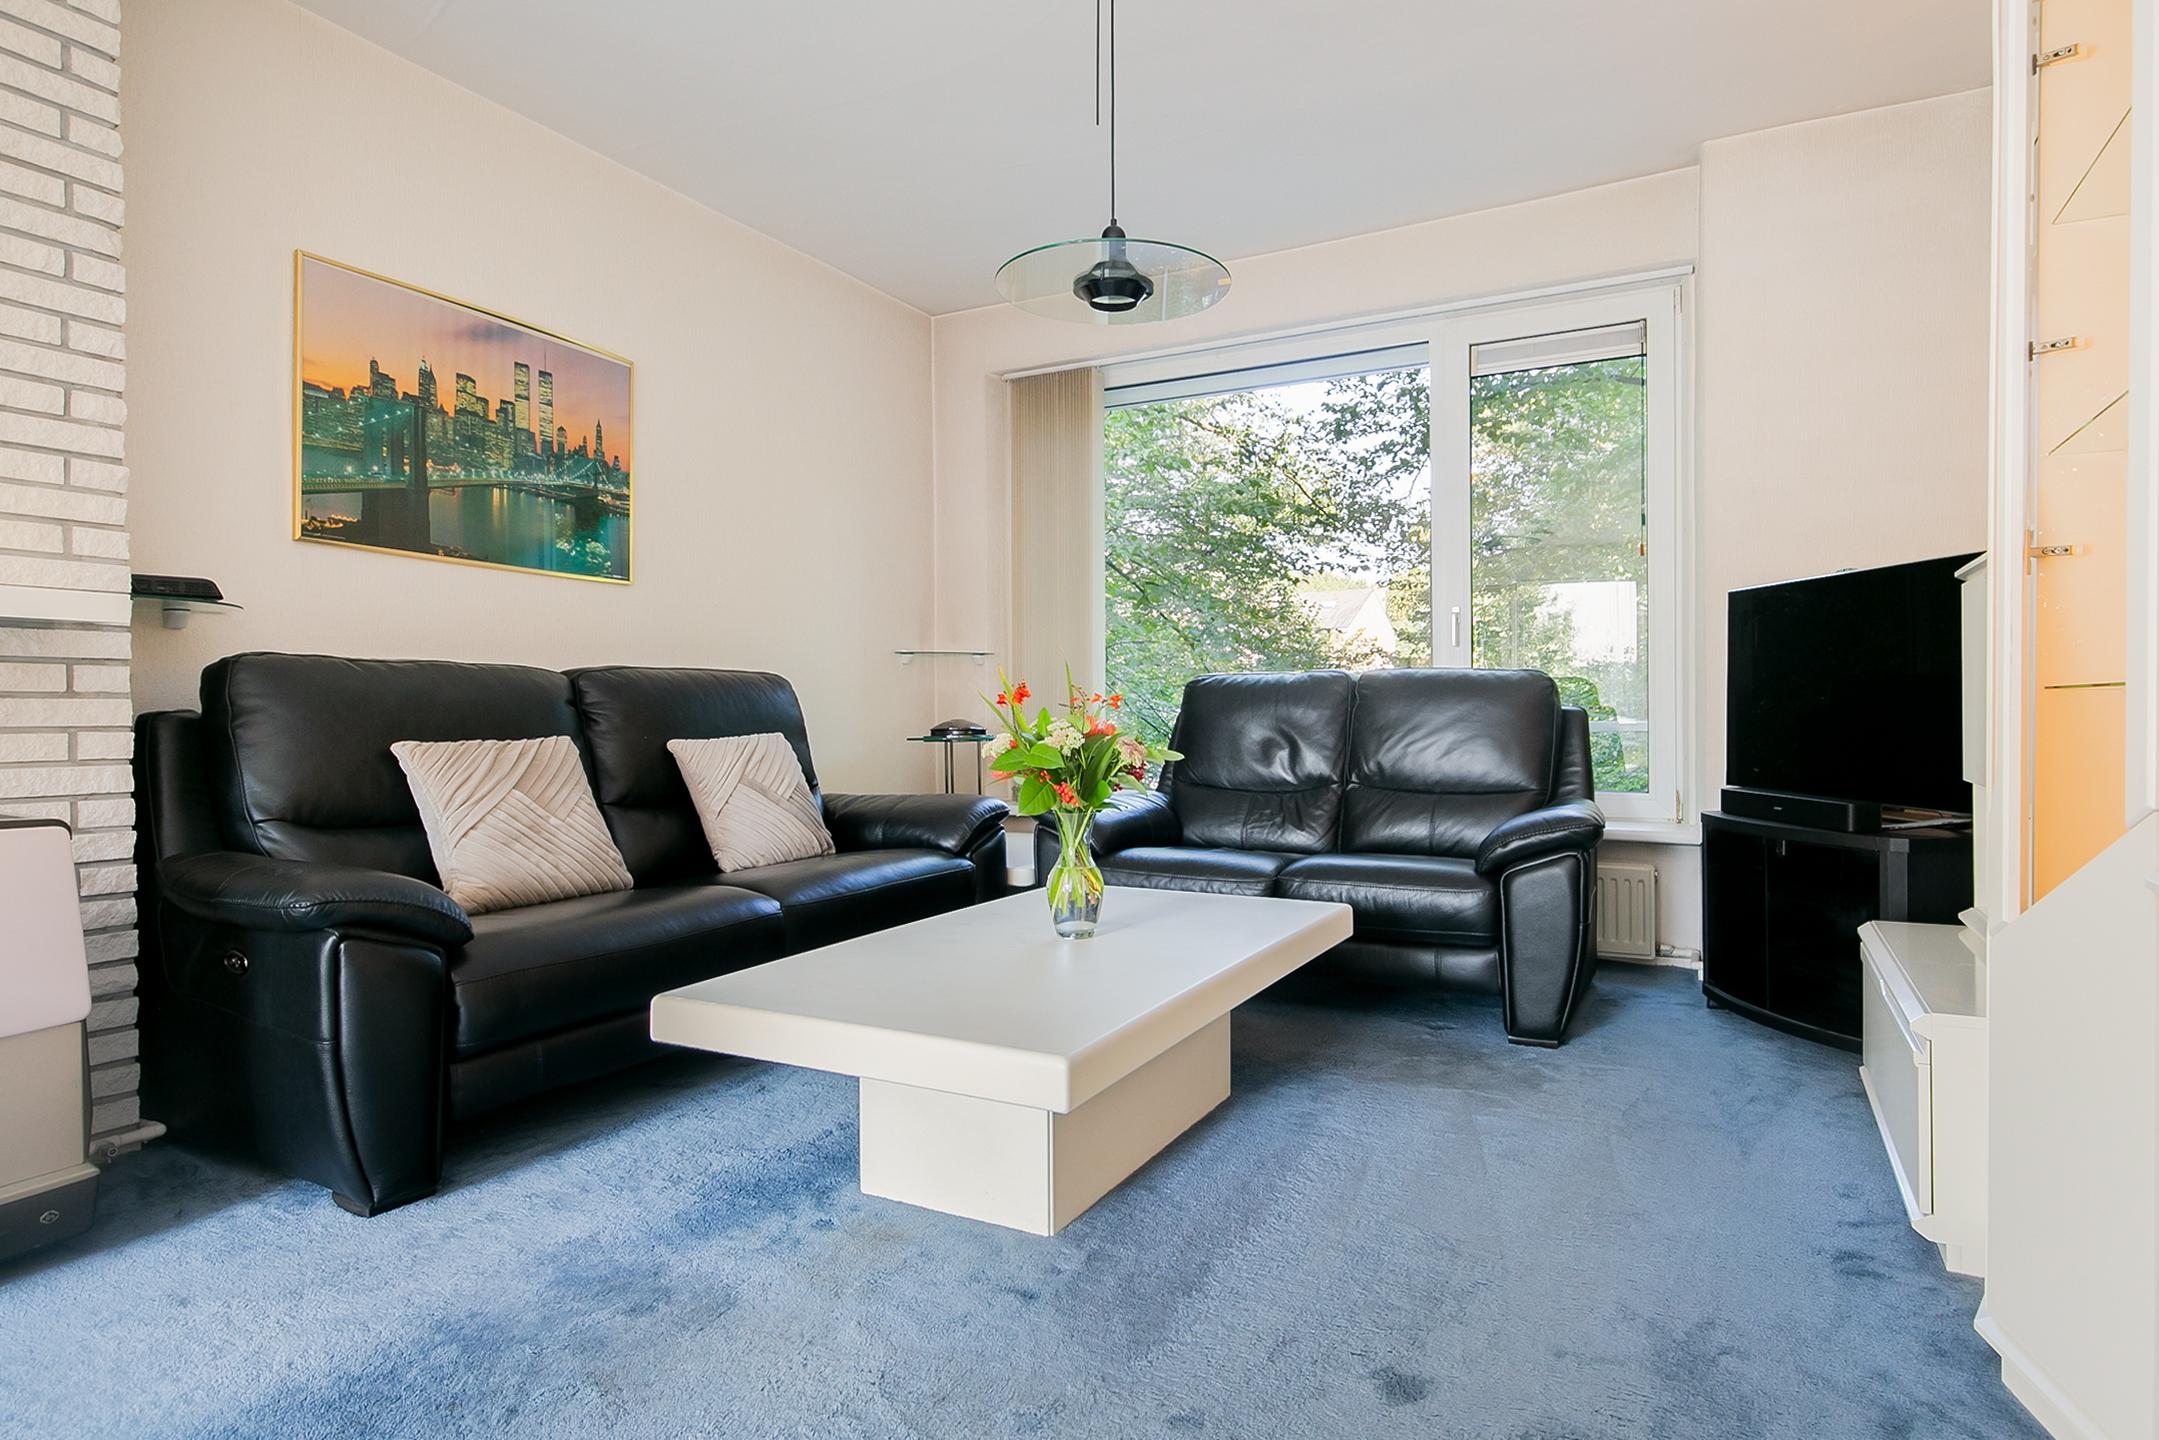 Dit 3 kamer appartement is gelegen in een groene omgeving. De ligging is zeer centraal op loopafstand van het winkelgebied aan de Huis te Landelaan en de Bogaart